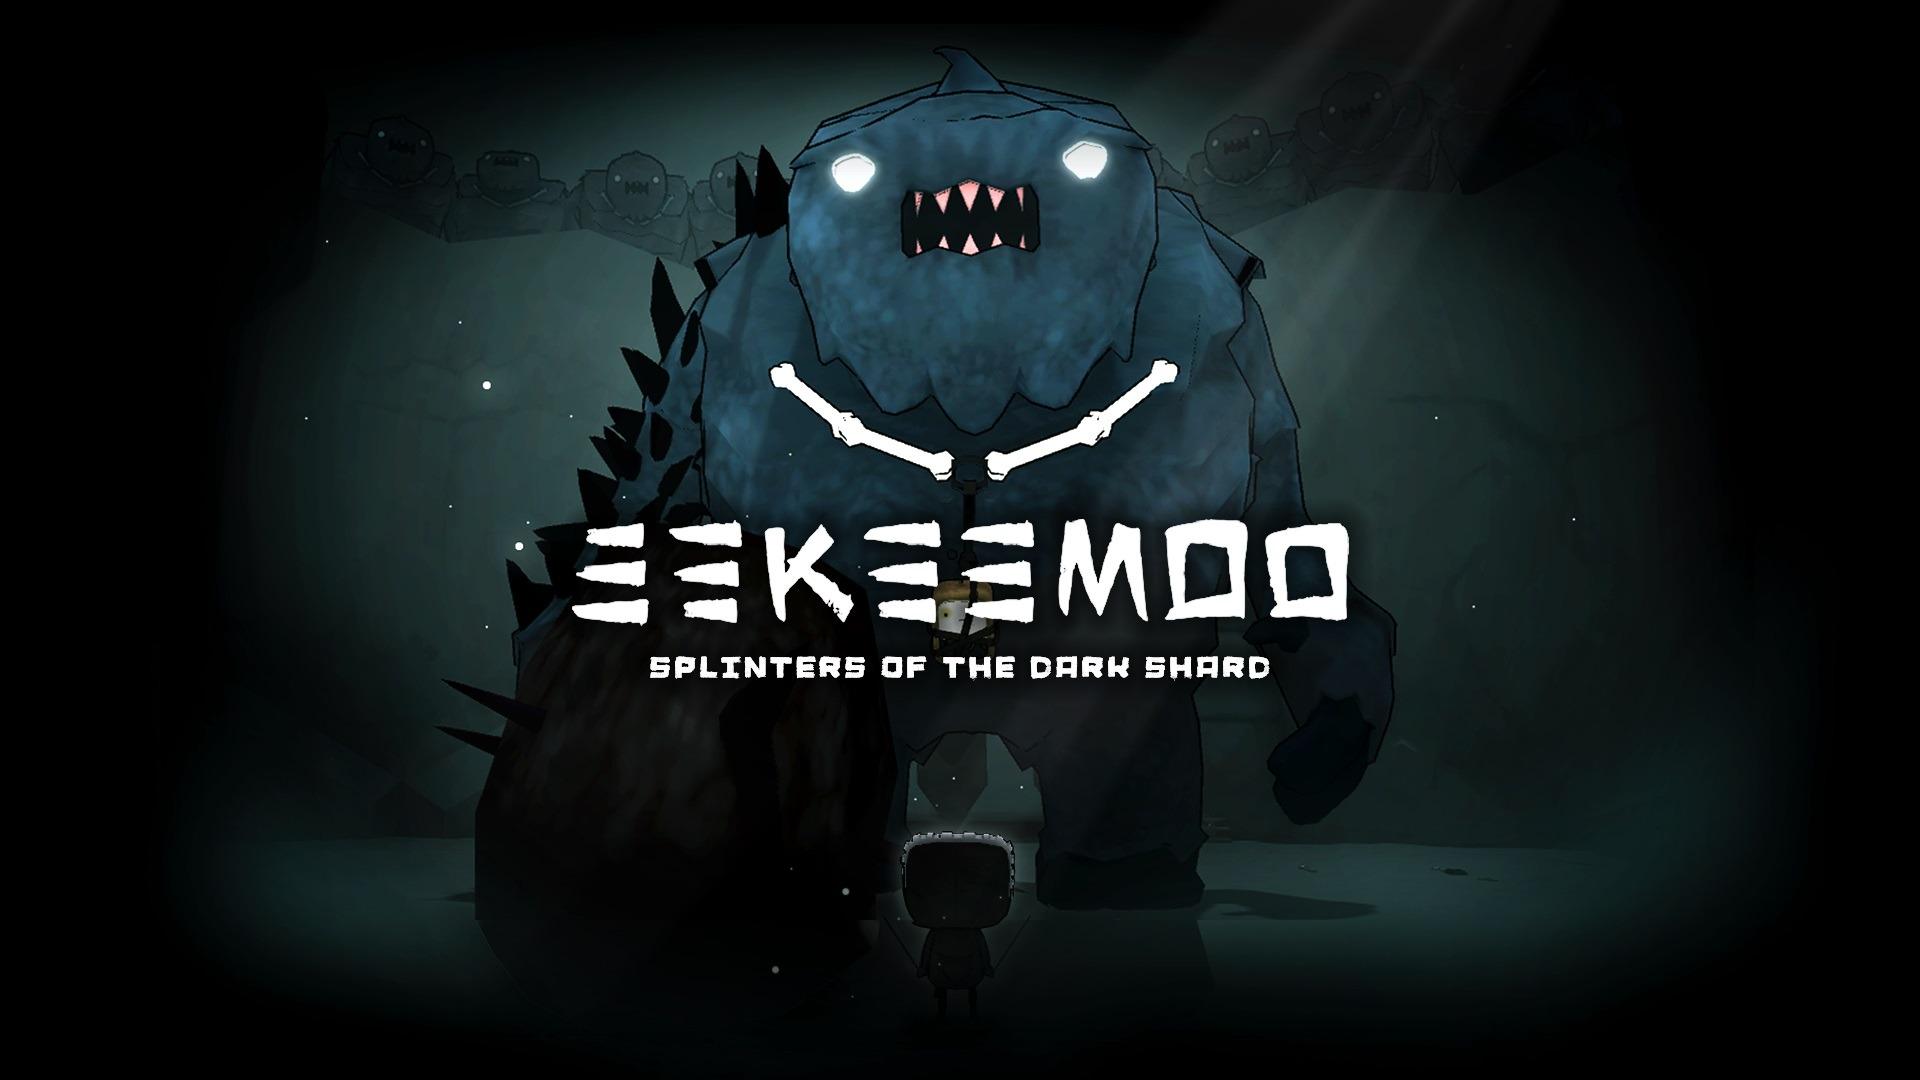 Eekeemoo - Splinters of the Dark Shard - Xbox One